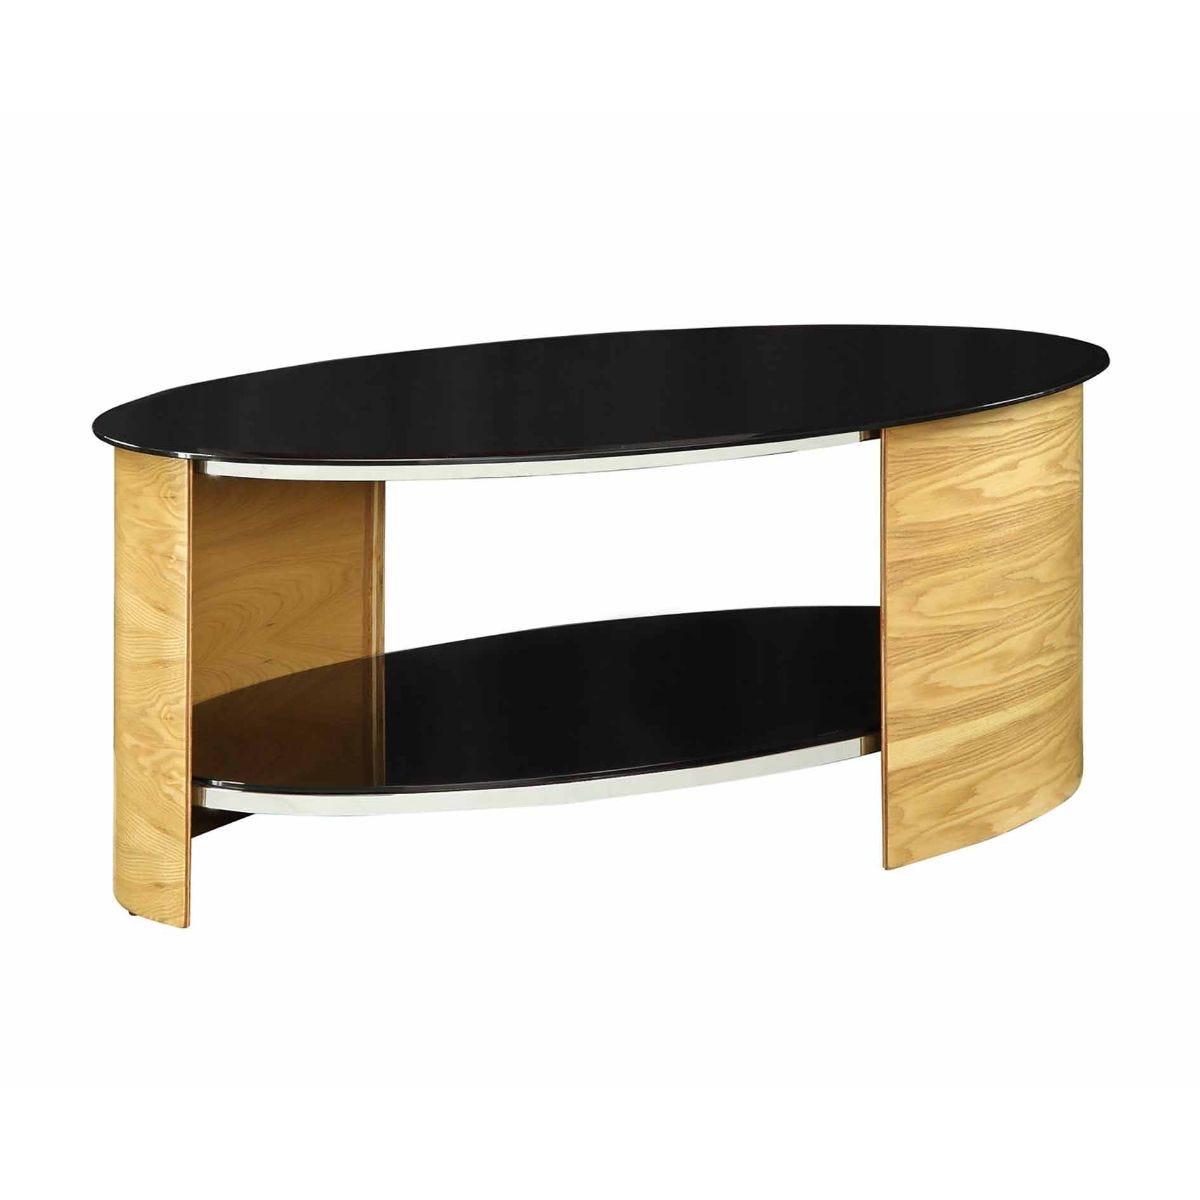 Jual San Marino Oval Coffee Table, Oak